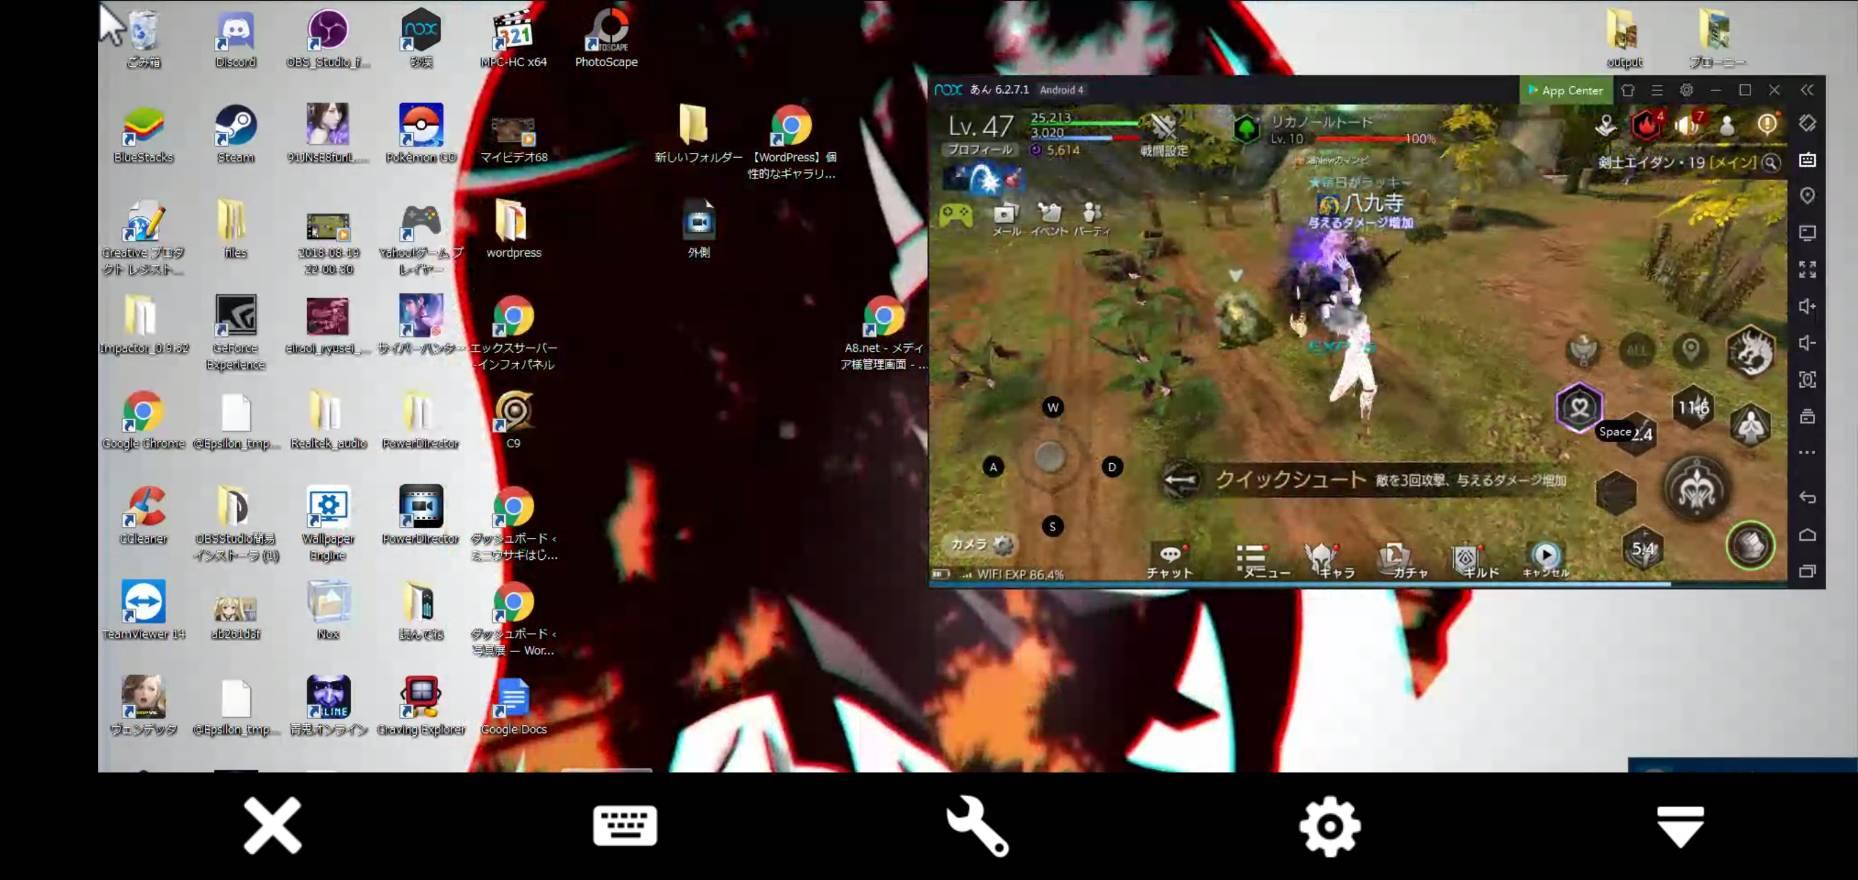 スマホのゲームをパソコンで放置PLAY 管理はスマホで遠隔操作